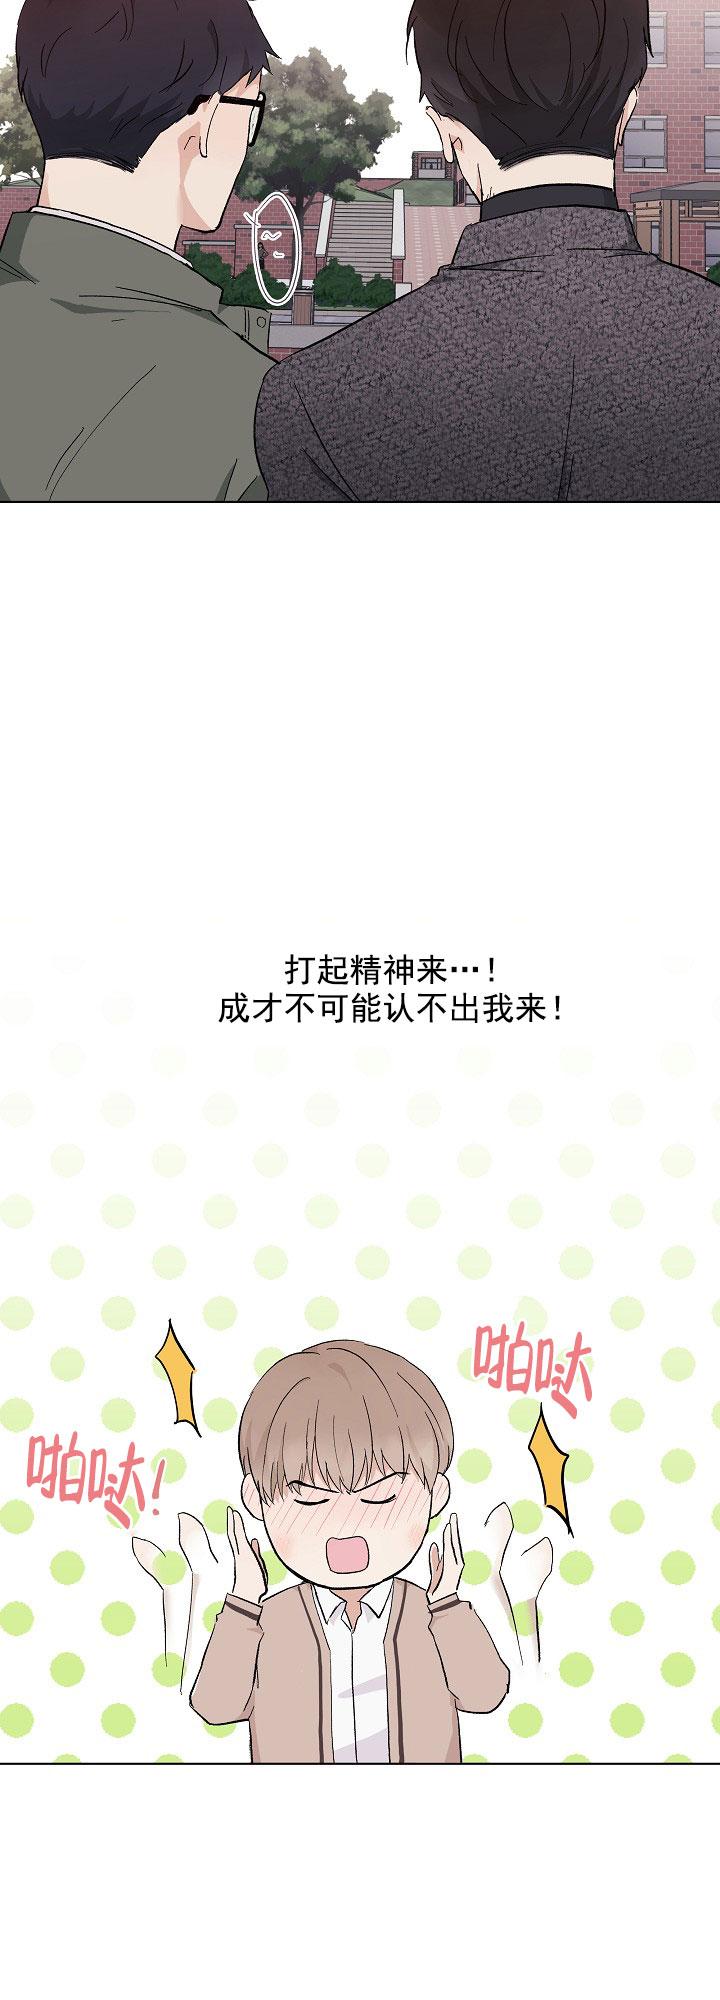 韩漫 |《恋爱练习》  腹黑年下的追妻大计  第18张